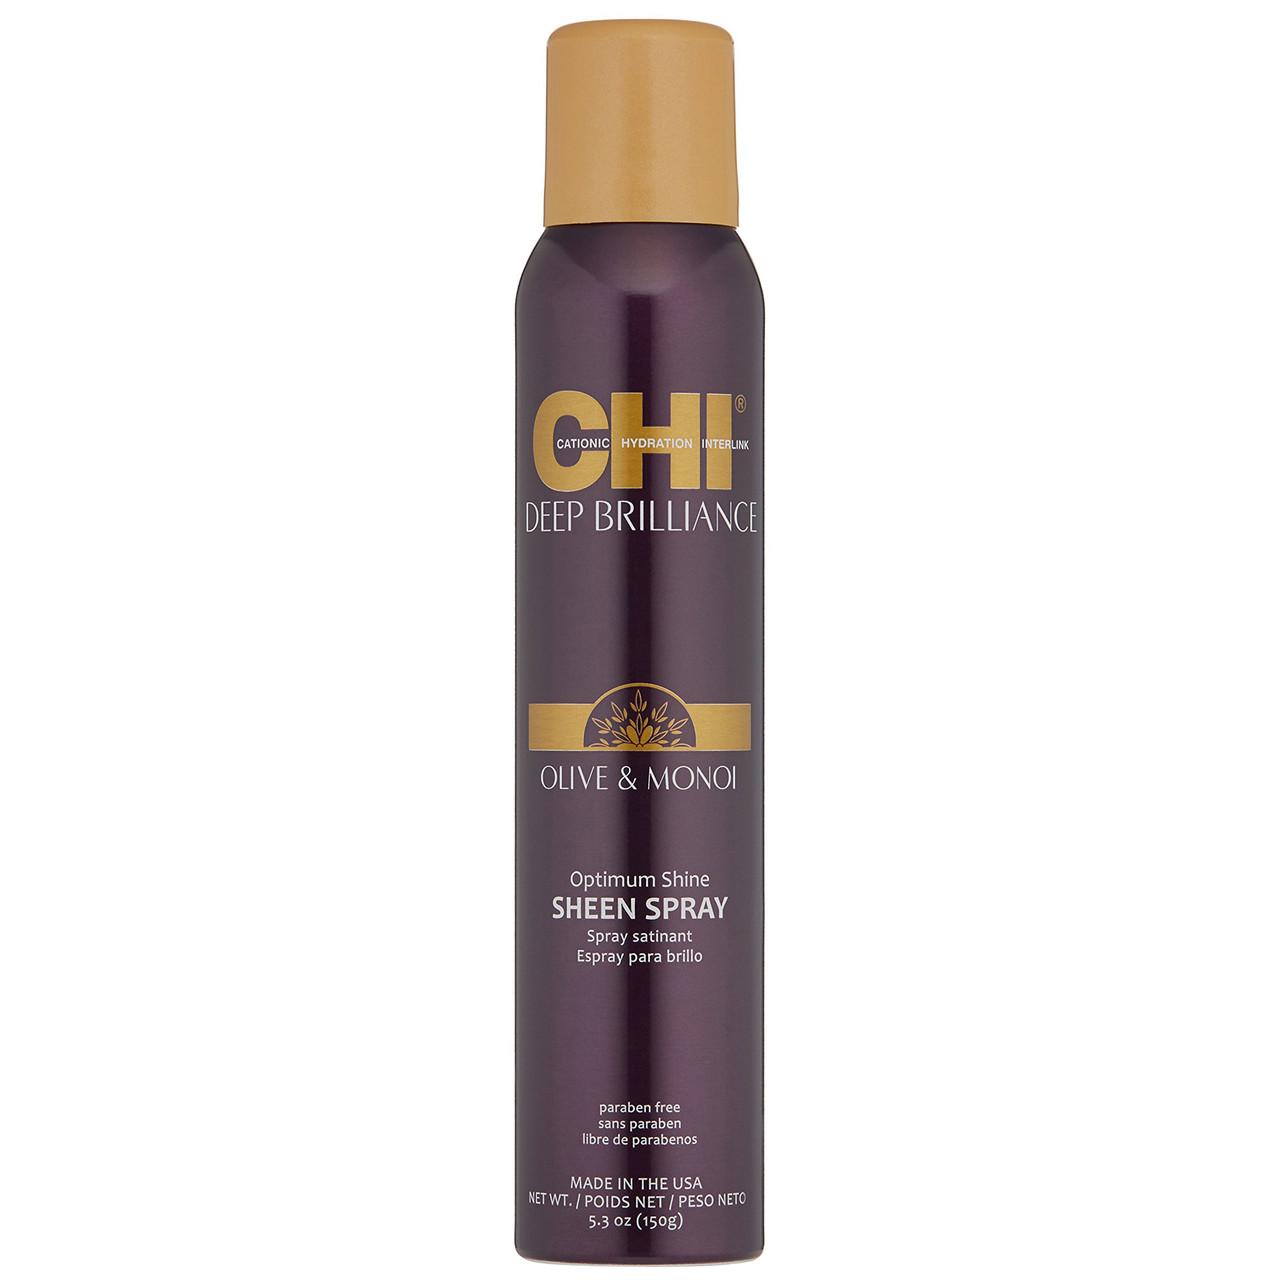 Спрей-блеск для волос CHI Deep Brilliance Optimum Shine Sheen Spray